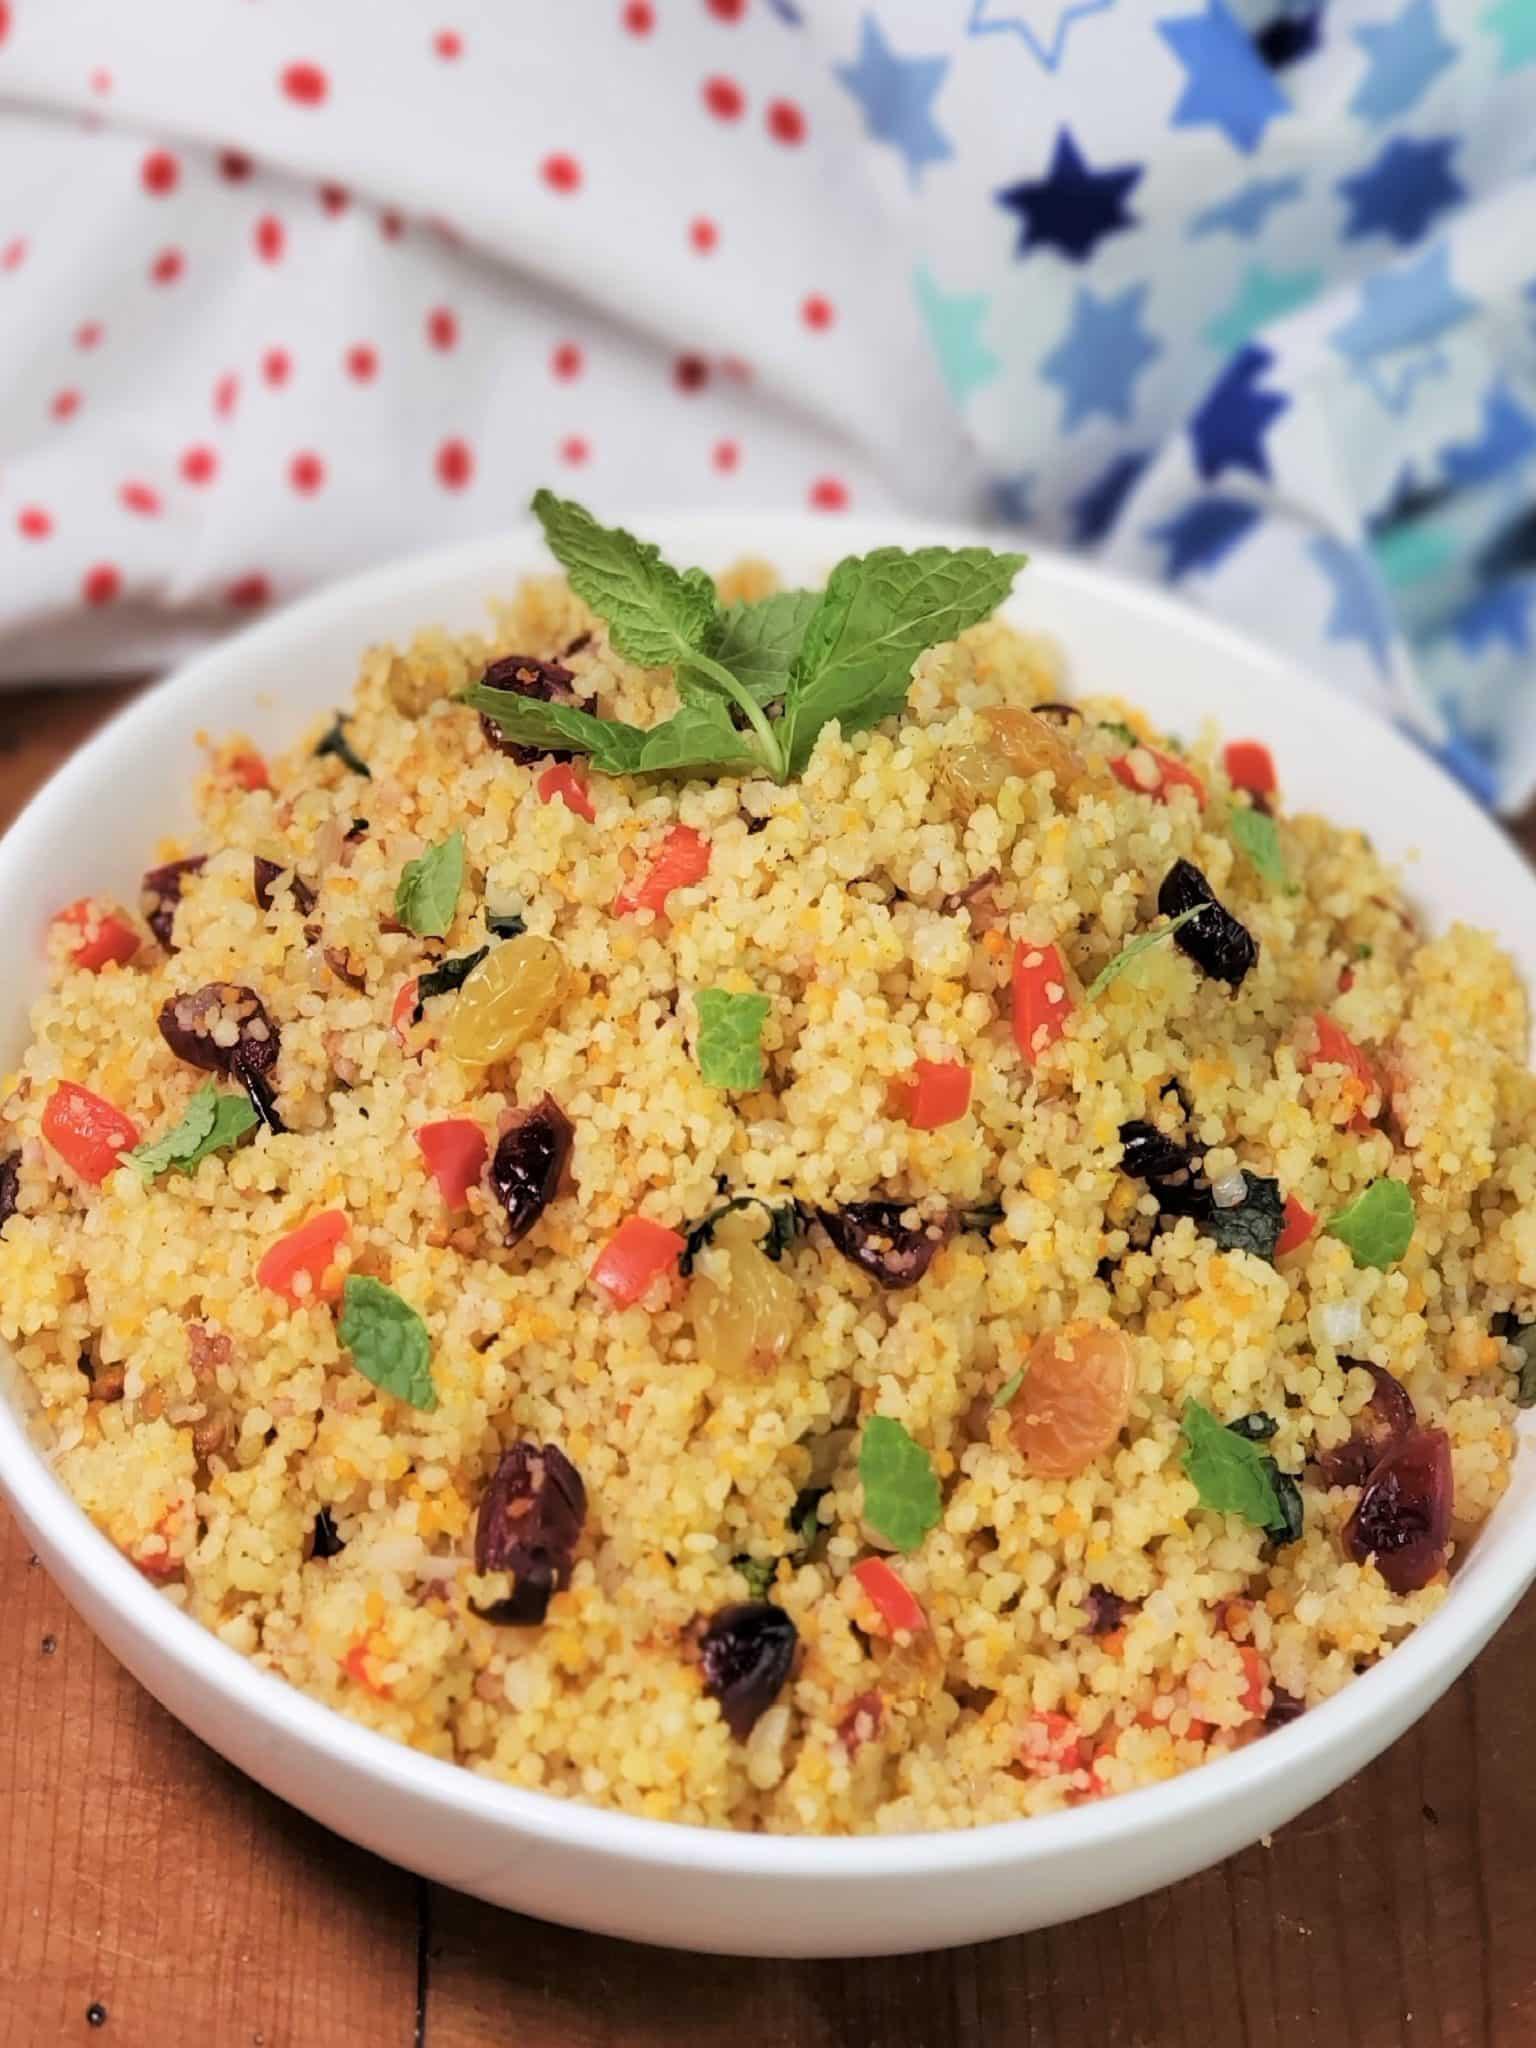 Instant Pot Cranberry Spice Couscous